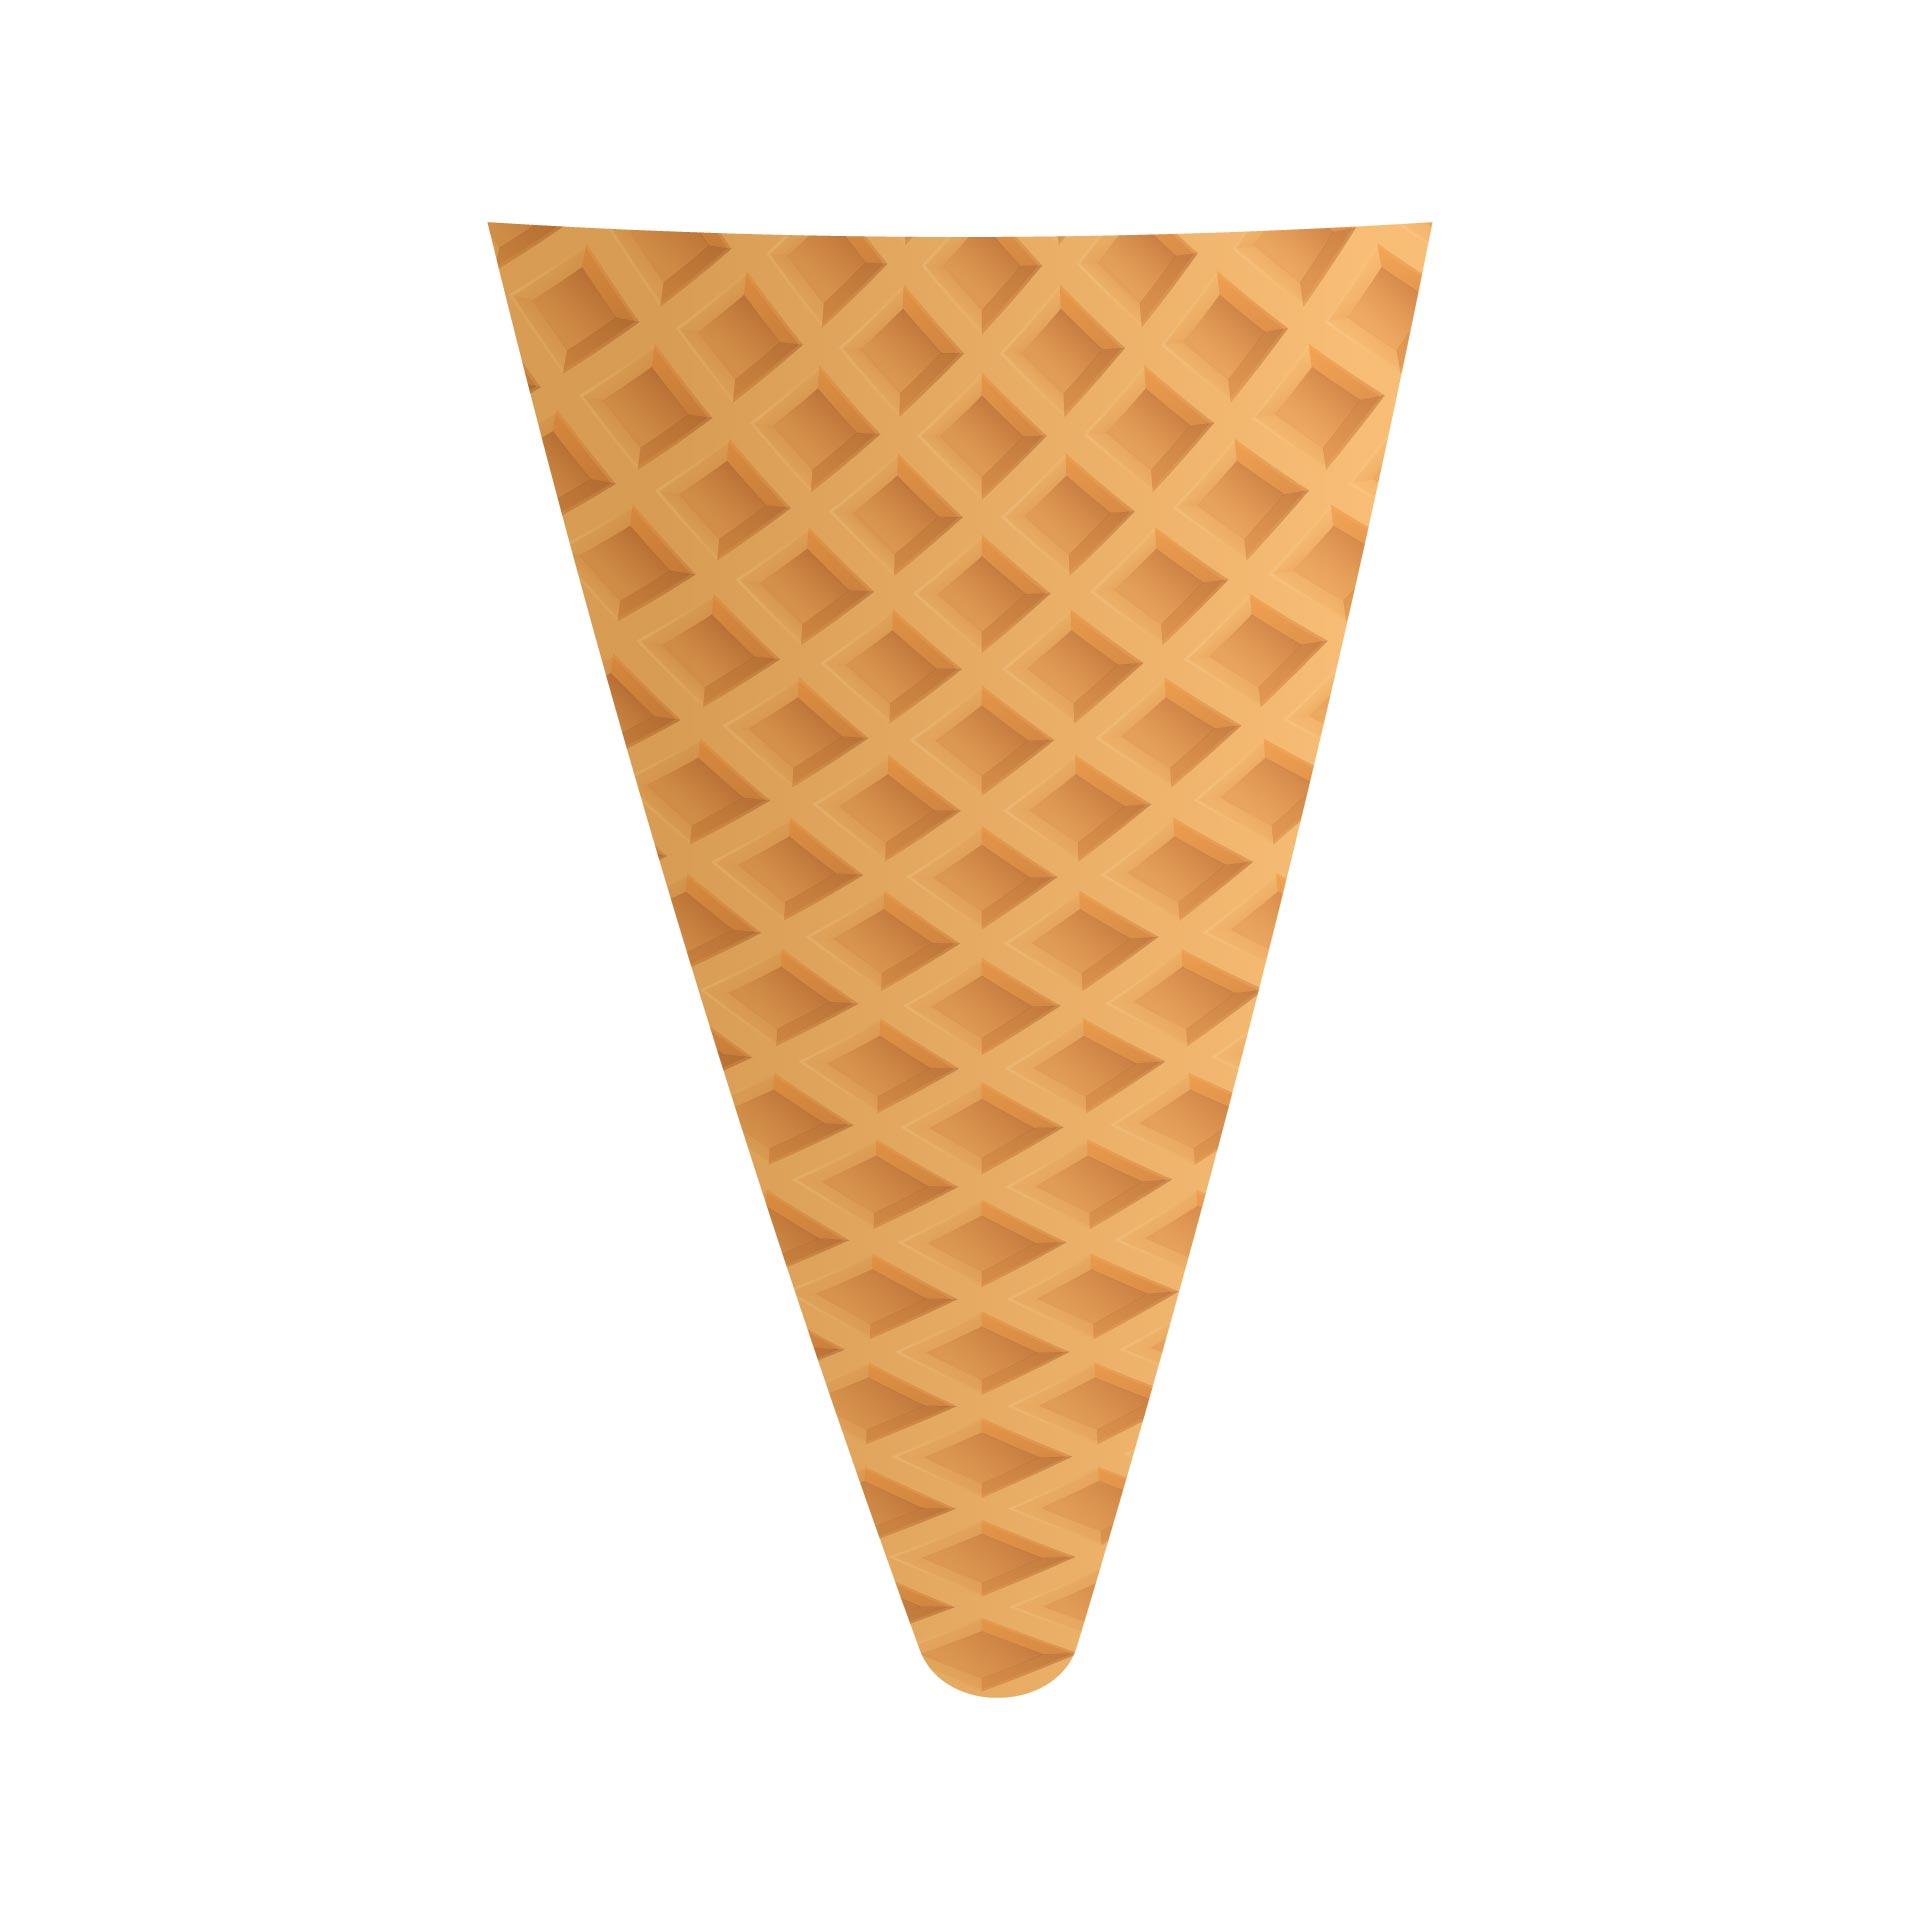 Ice Cream Cone Template